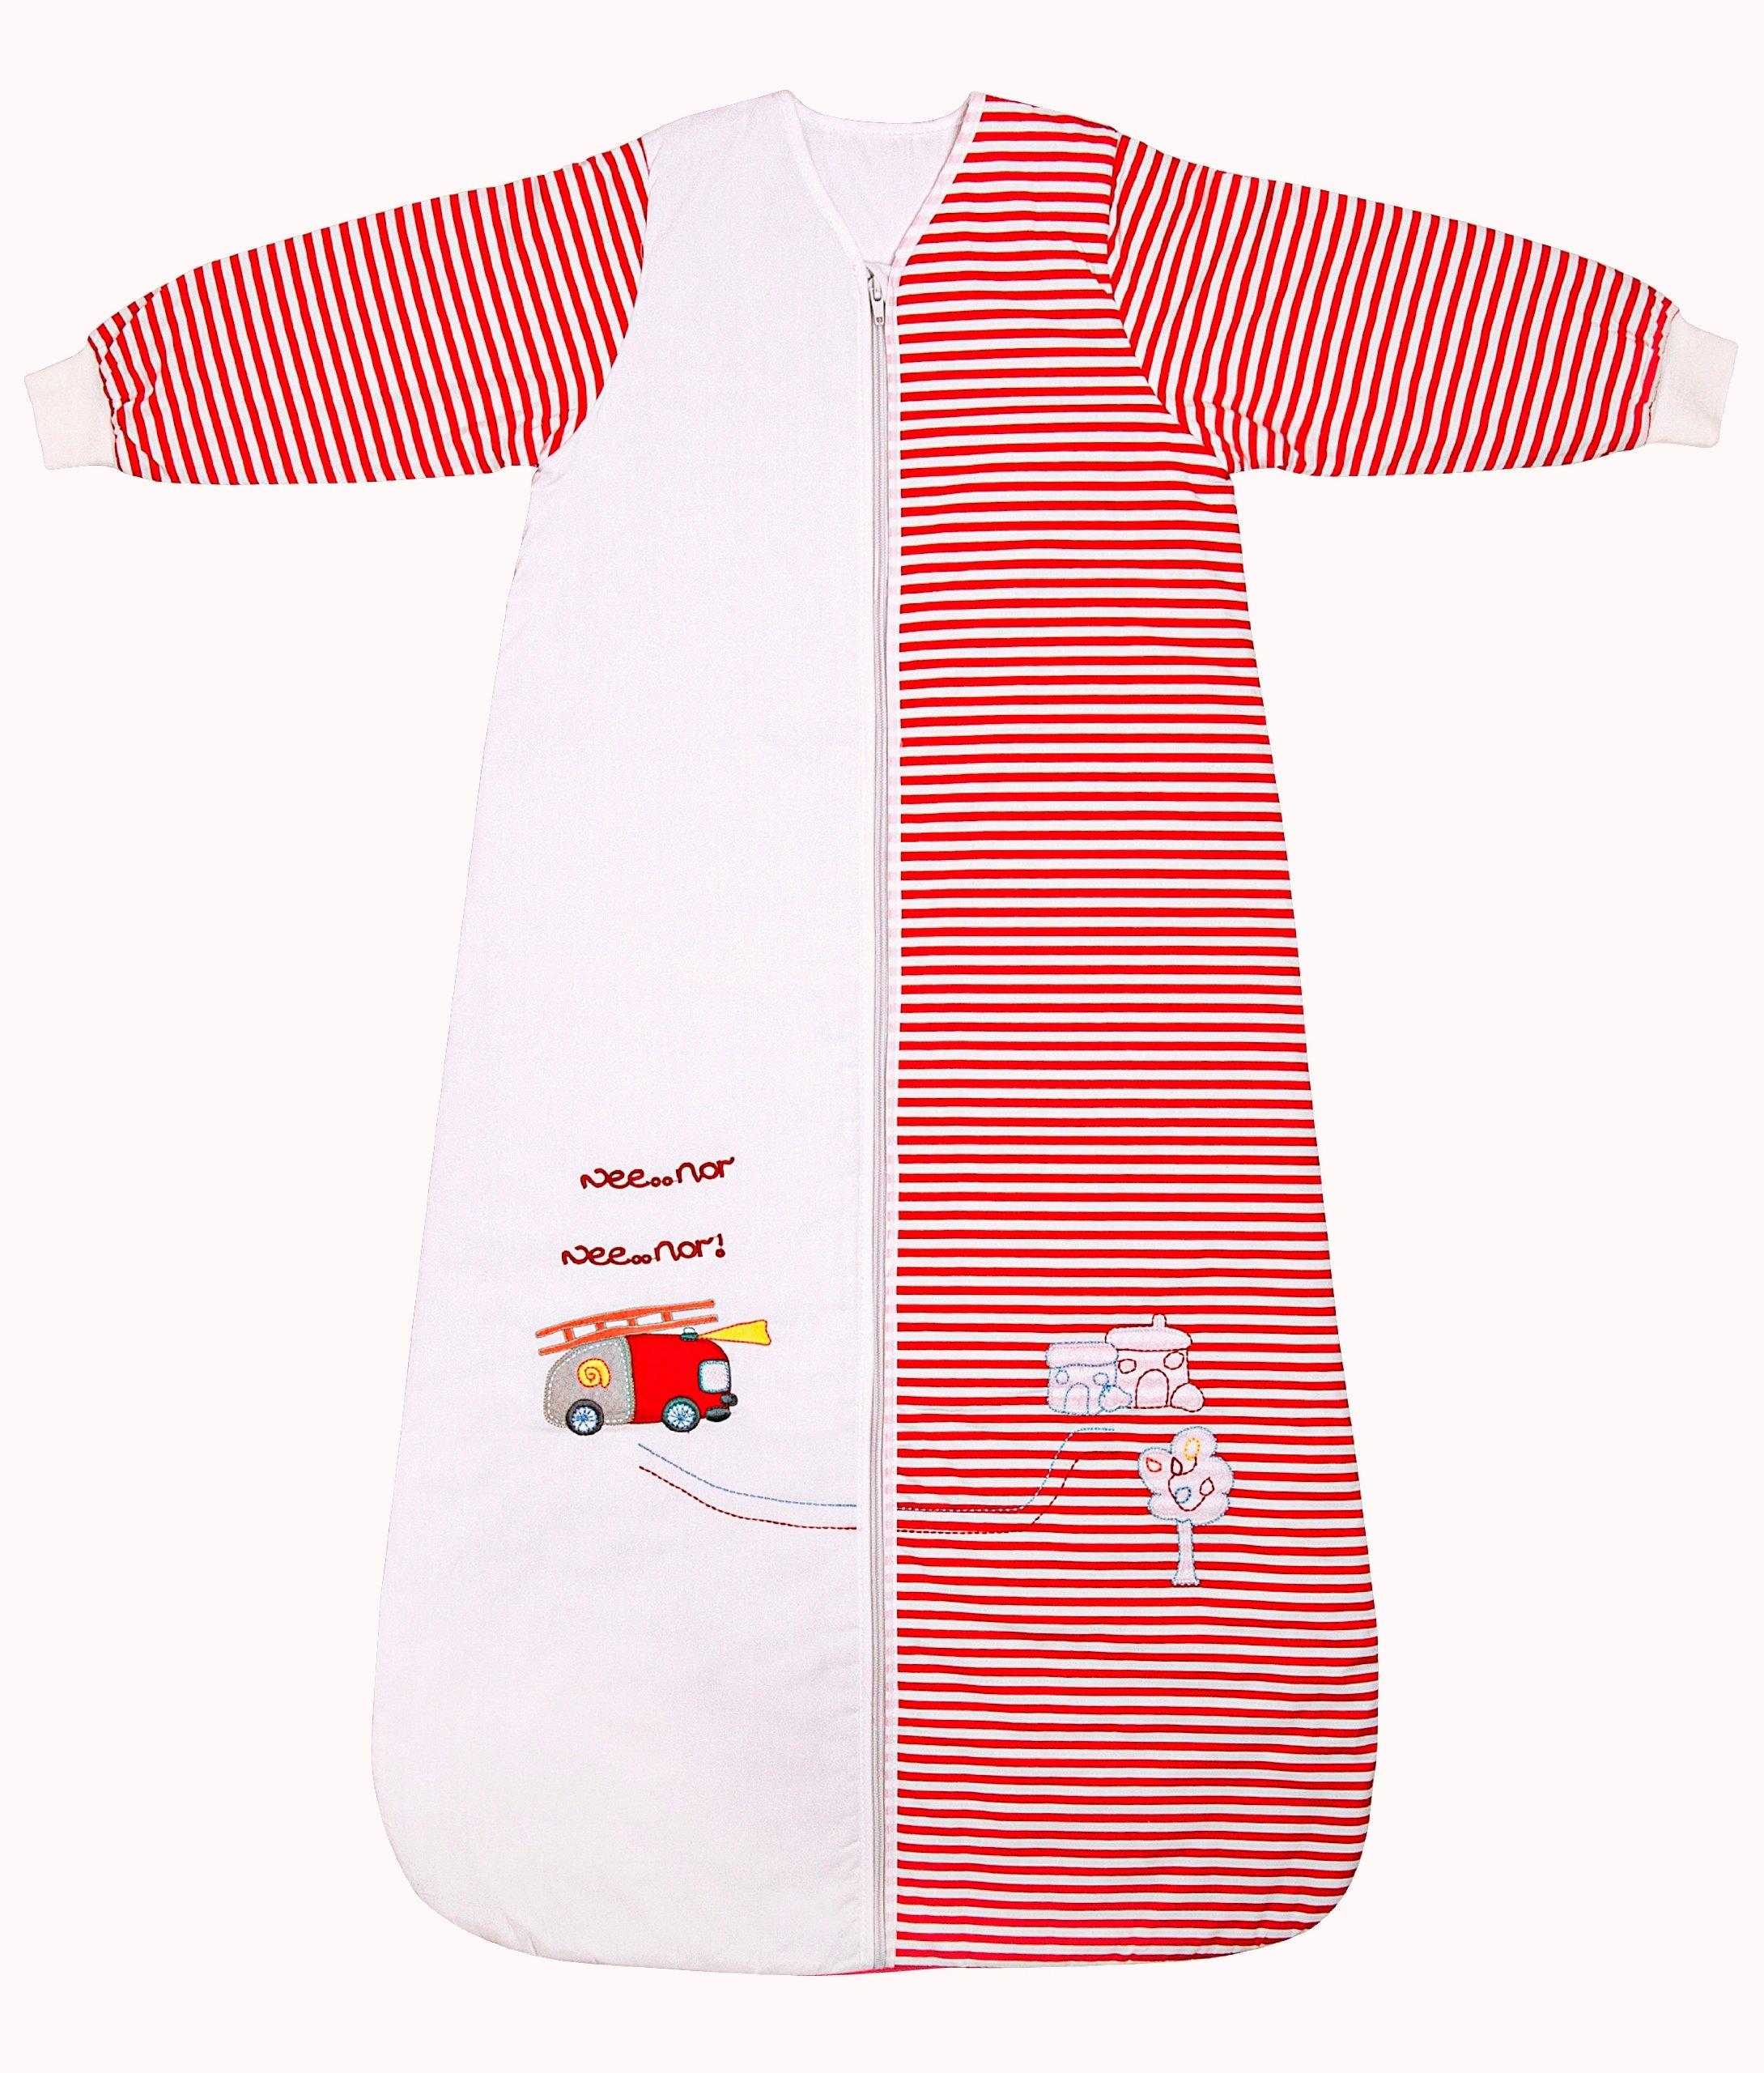 Slumbersac Winter Kid Sleeping Bag Long Sleeves 3.5 Tog - Fire Engine, 3-6 Years/XL by Slumbersac